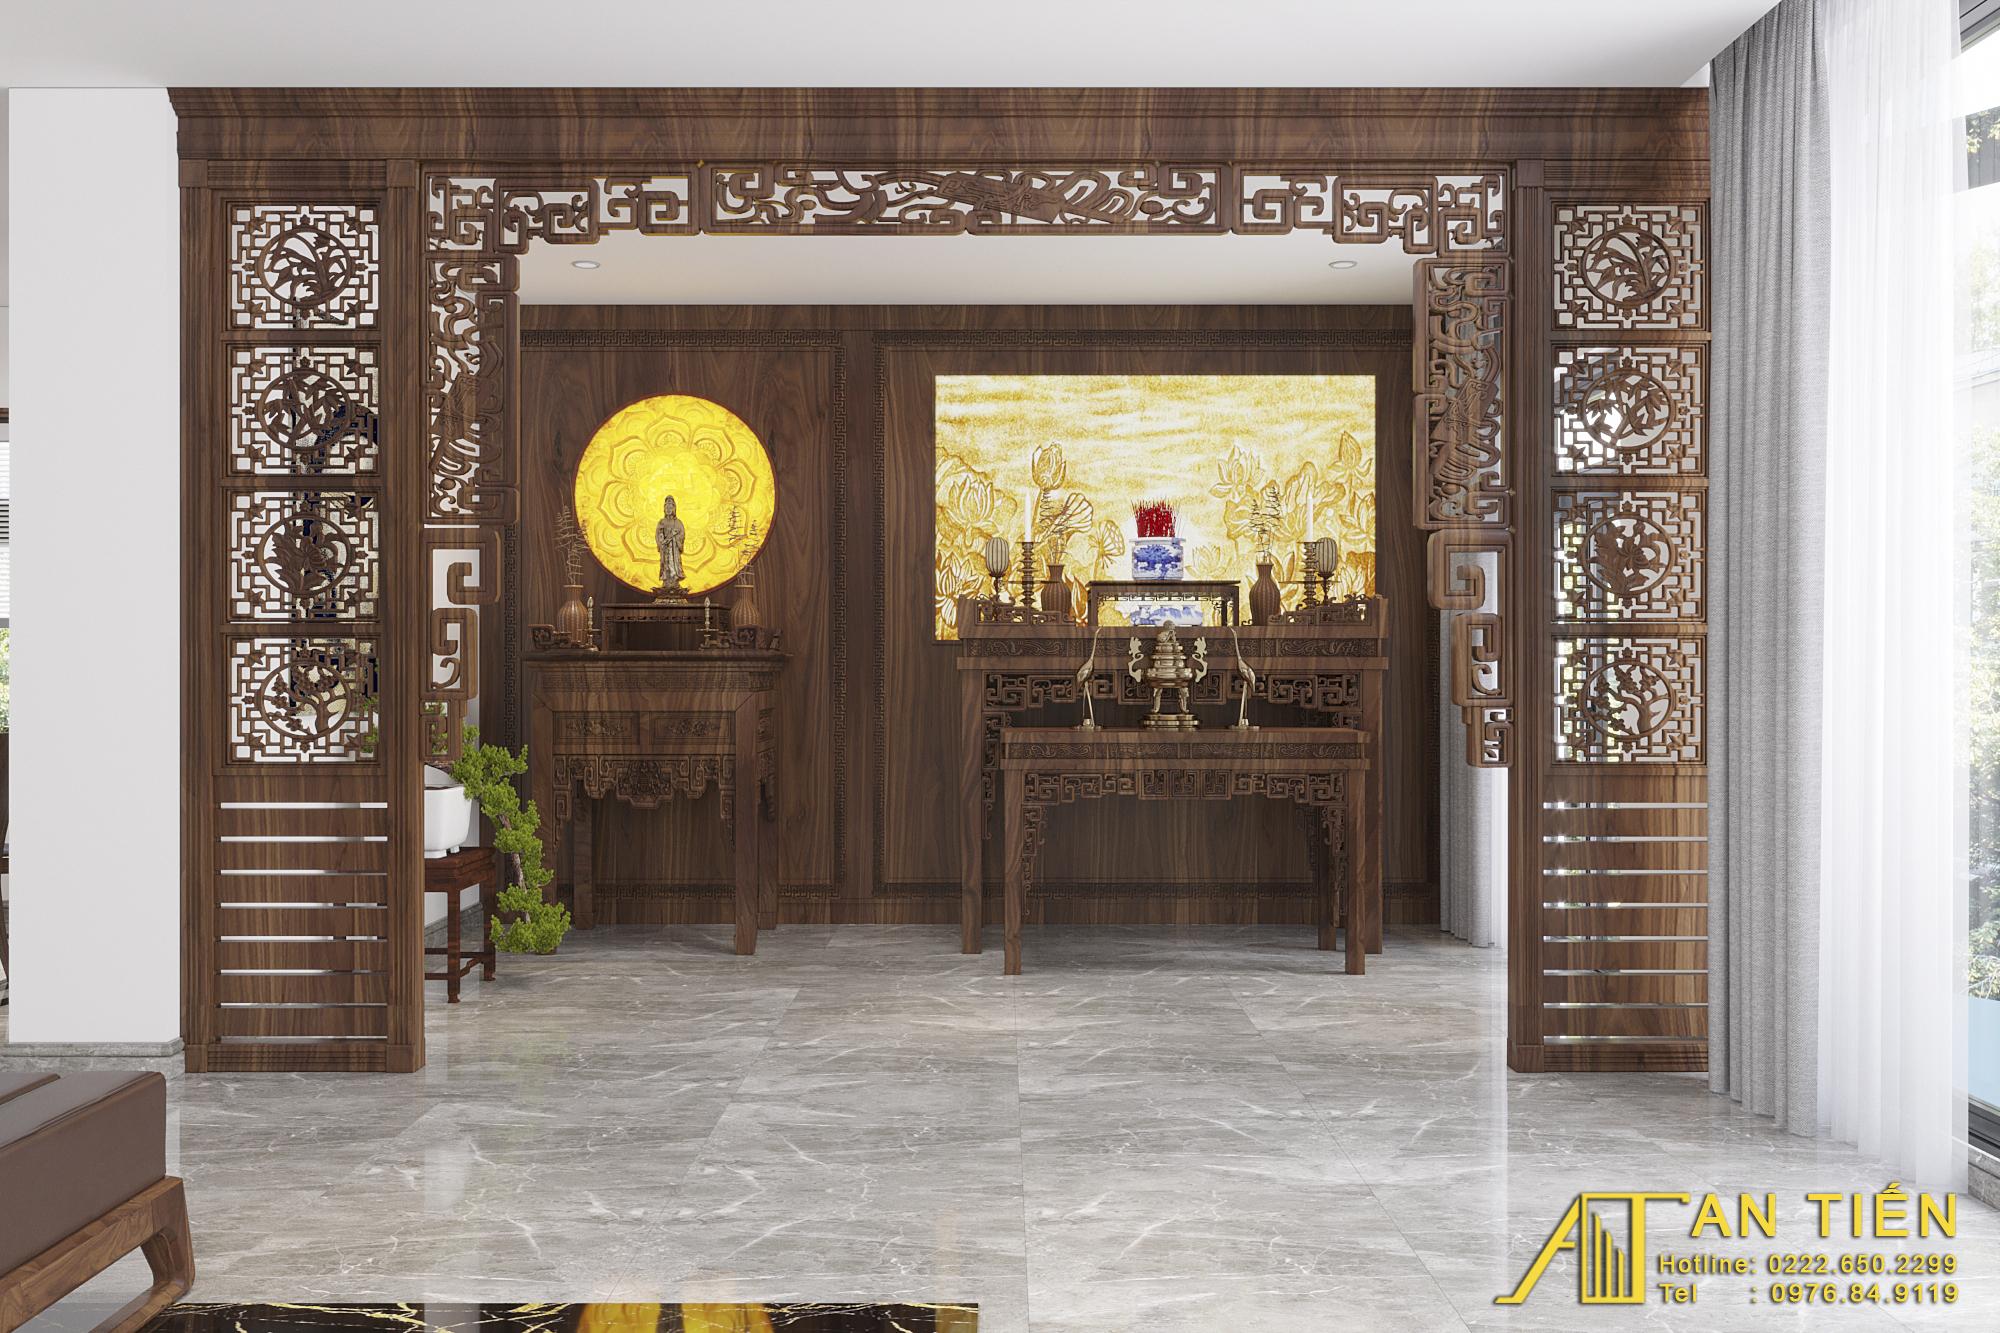 Thiết kế nội thất Biệt Thự tại Bắc Ninh Biệt thự phong cách đồng gia 1625737881 3